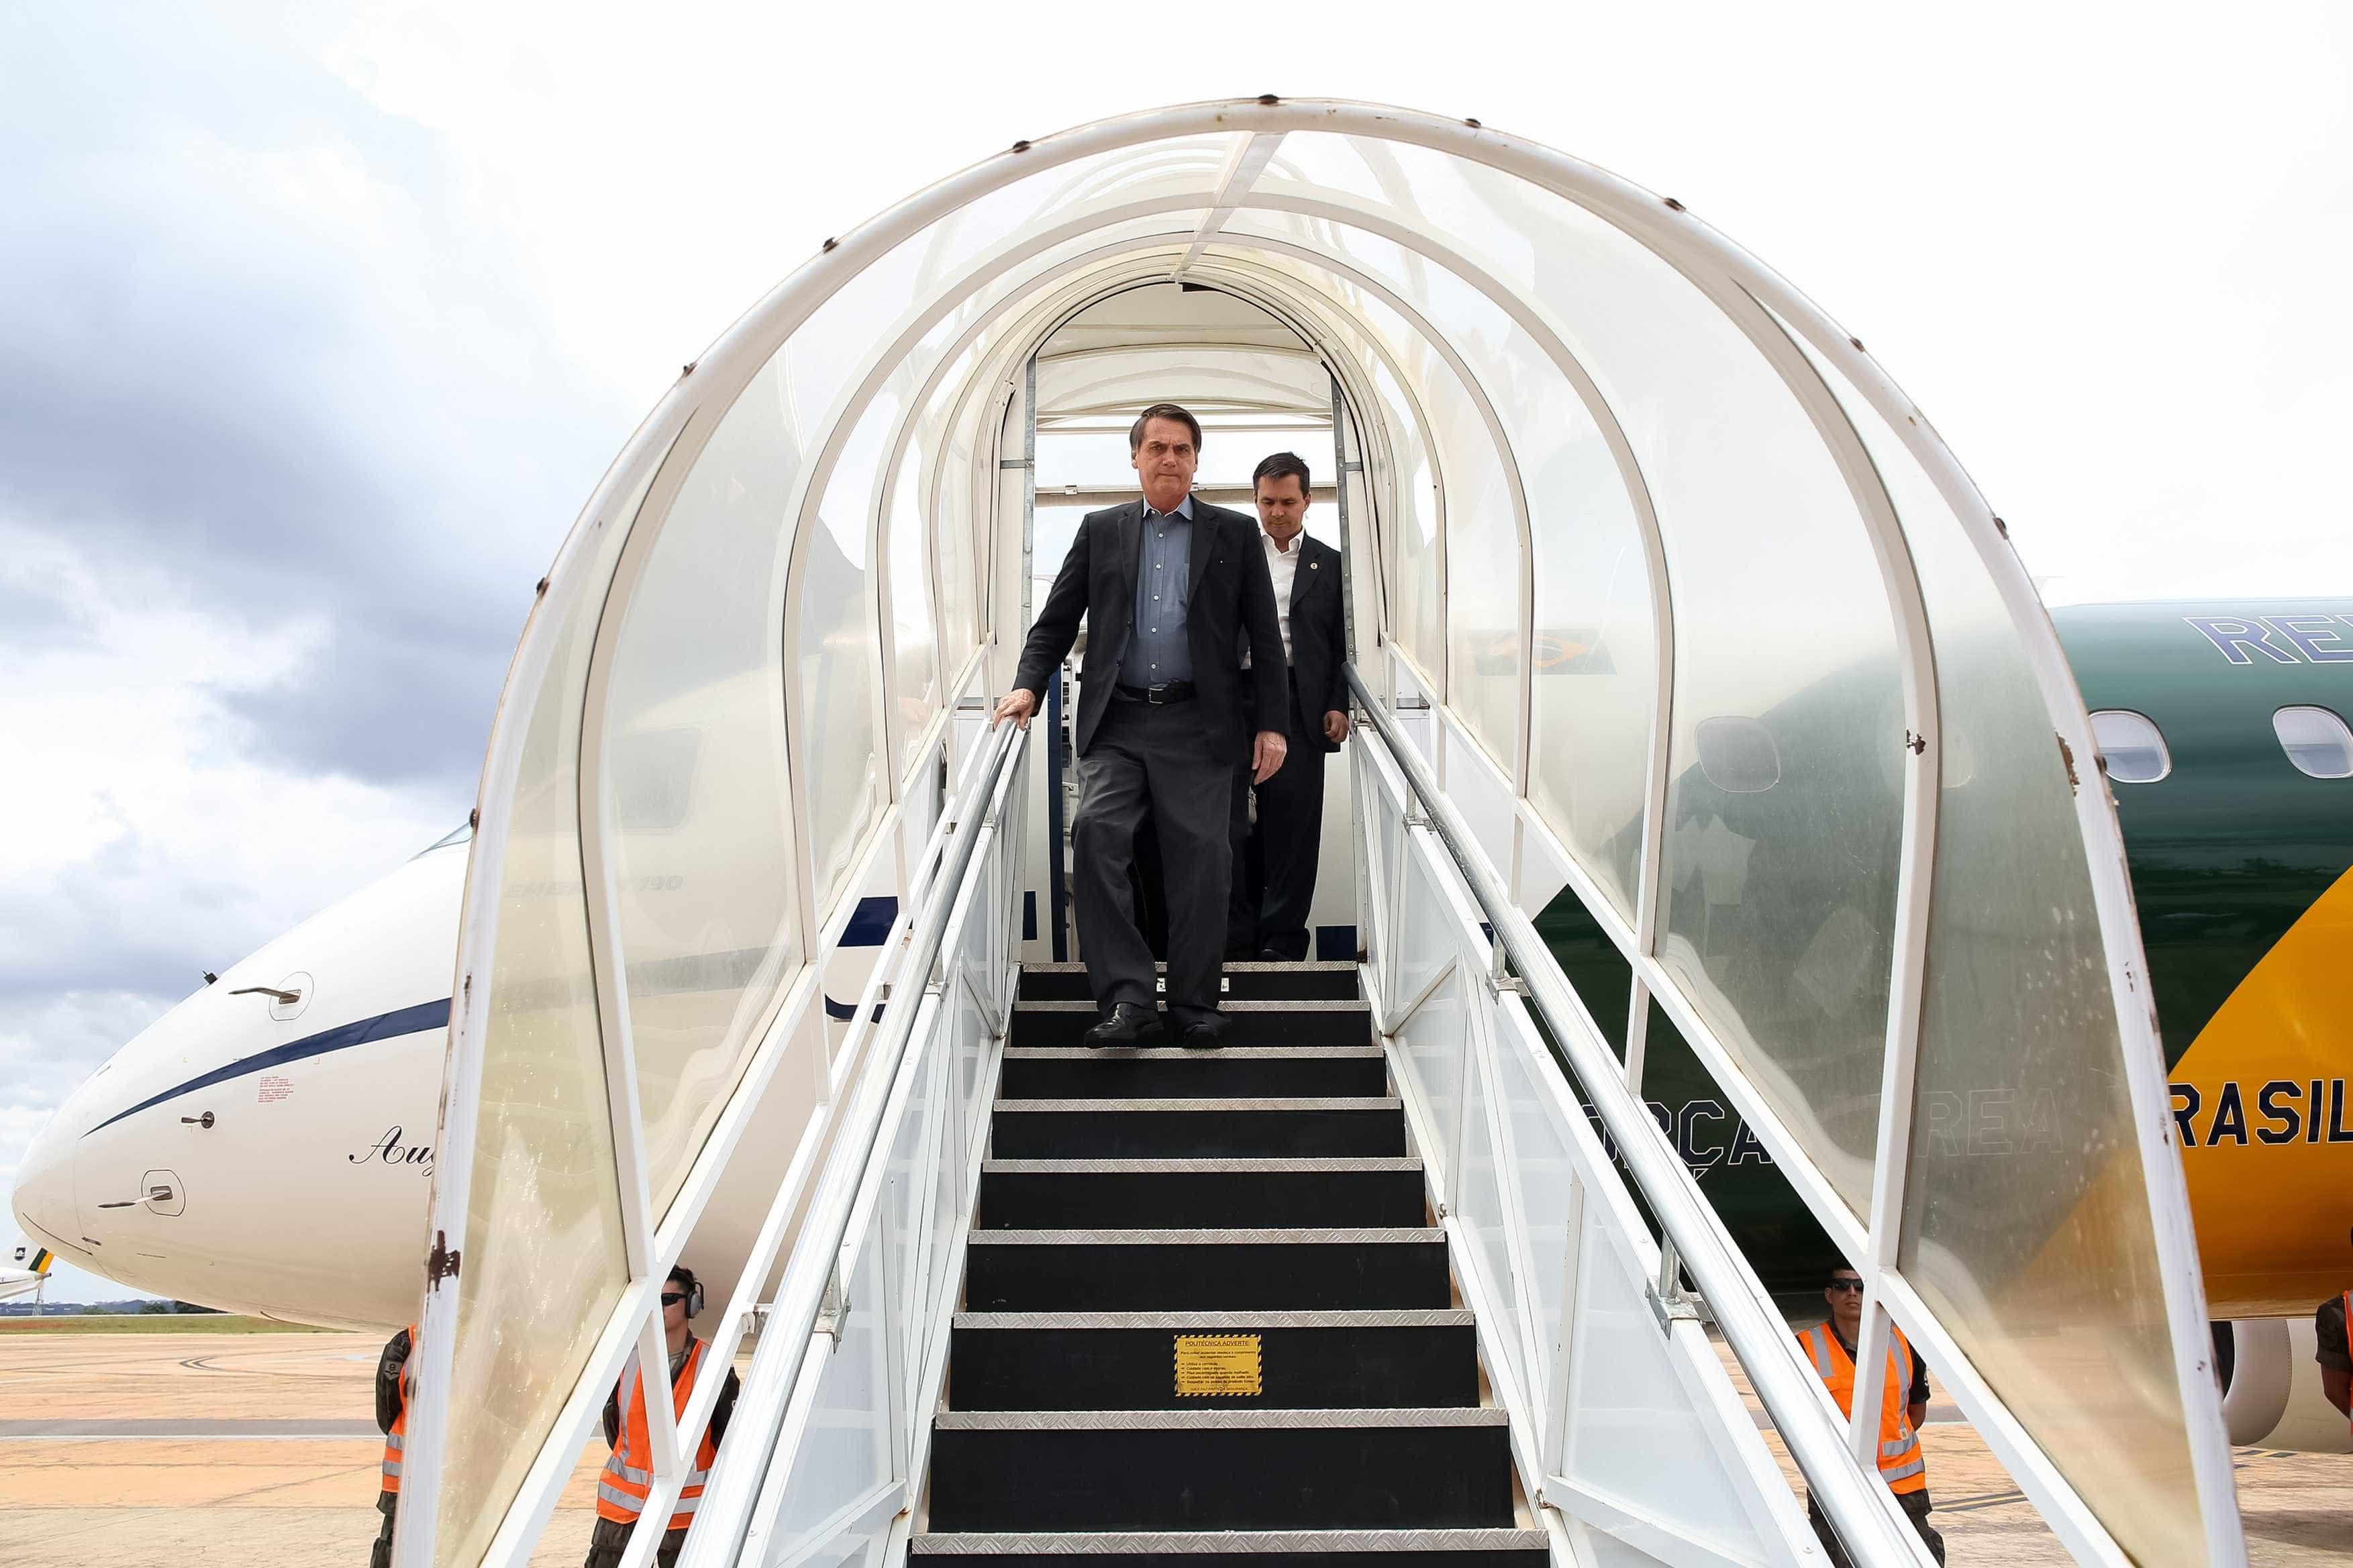 Para conter crise, Bolsonaro esperava que Bebianno pedisse demissão